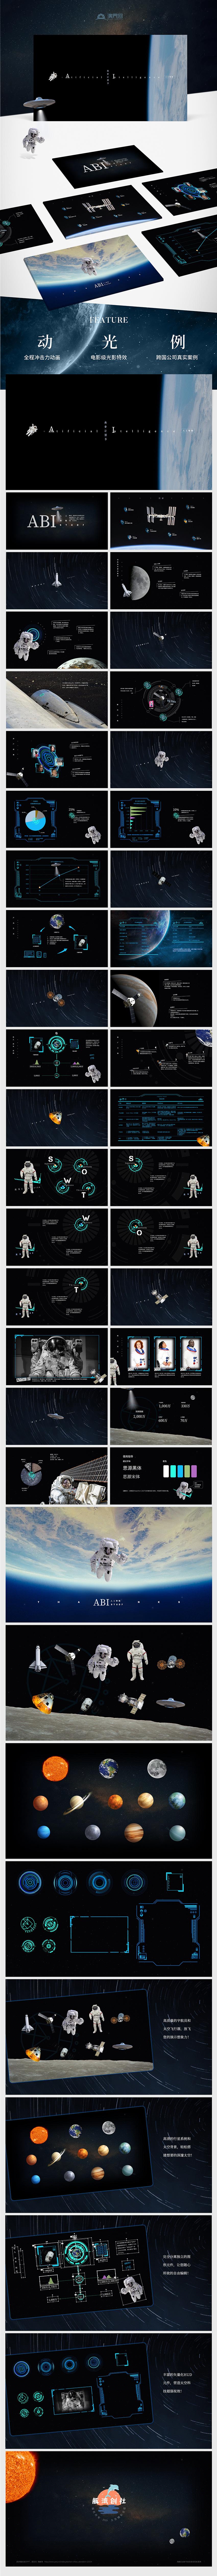 大气高科技人工智能路演展会汇报●AI大数据sci-fi科幻太空旅行高端商业计划书编程炫酷动画多媒体